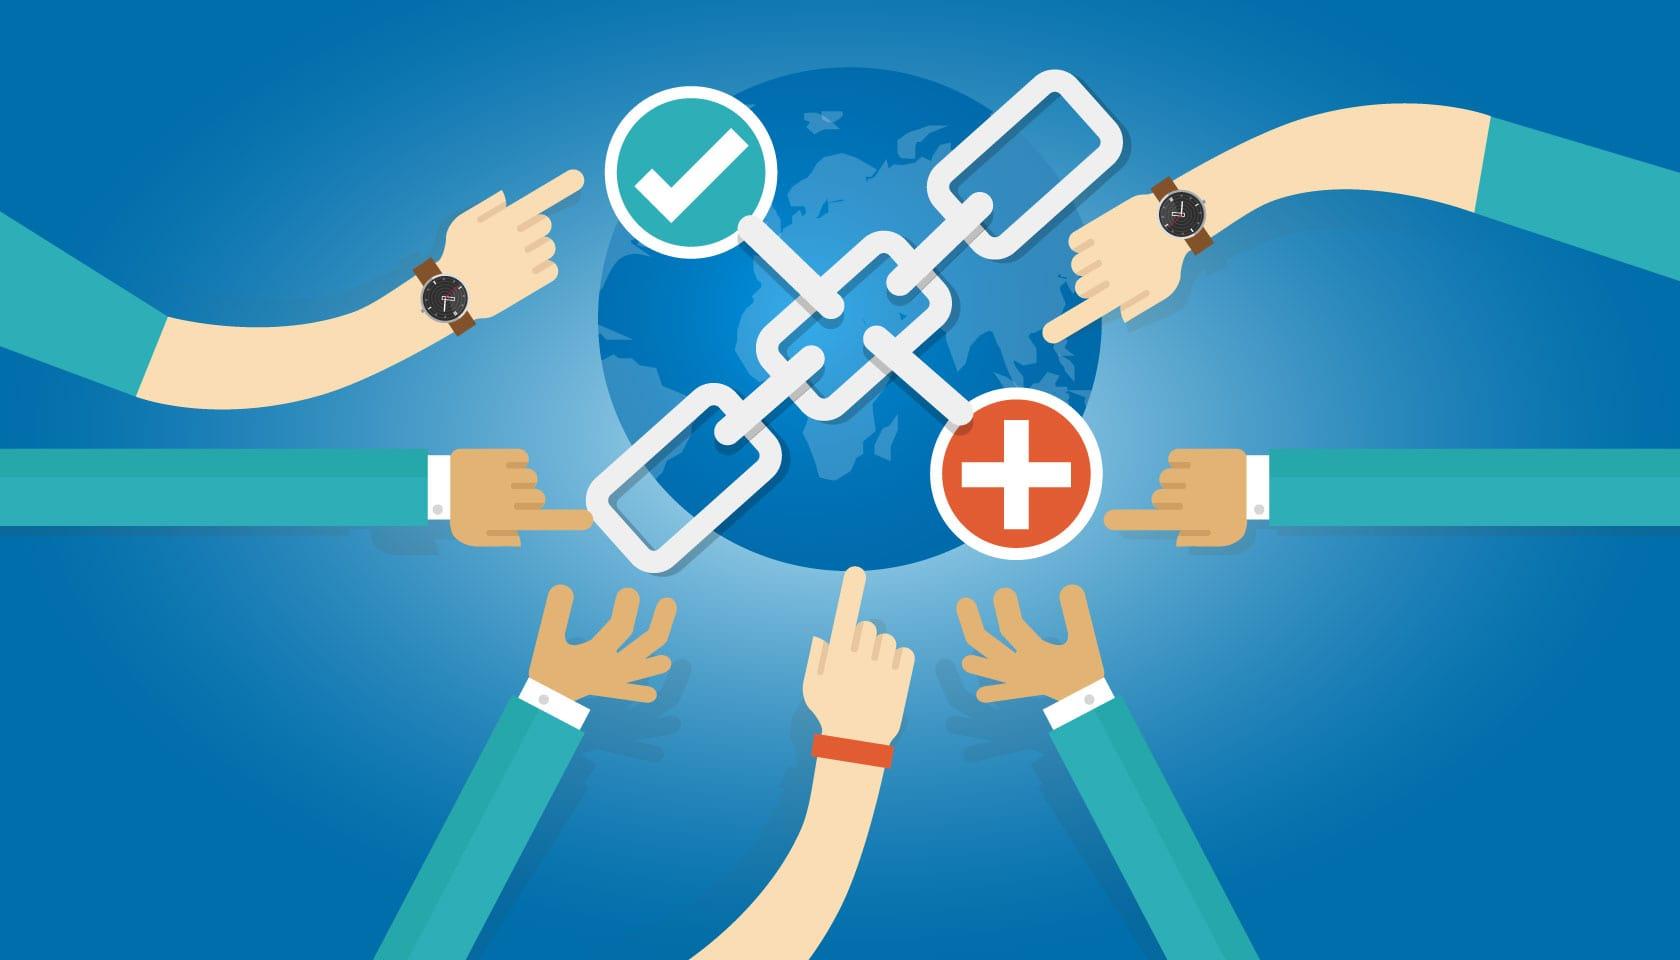 webfili-sosyal-ağlarda-vereceğiniz-reklam-01.jpg